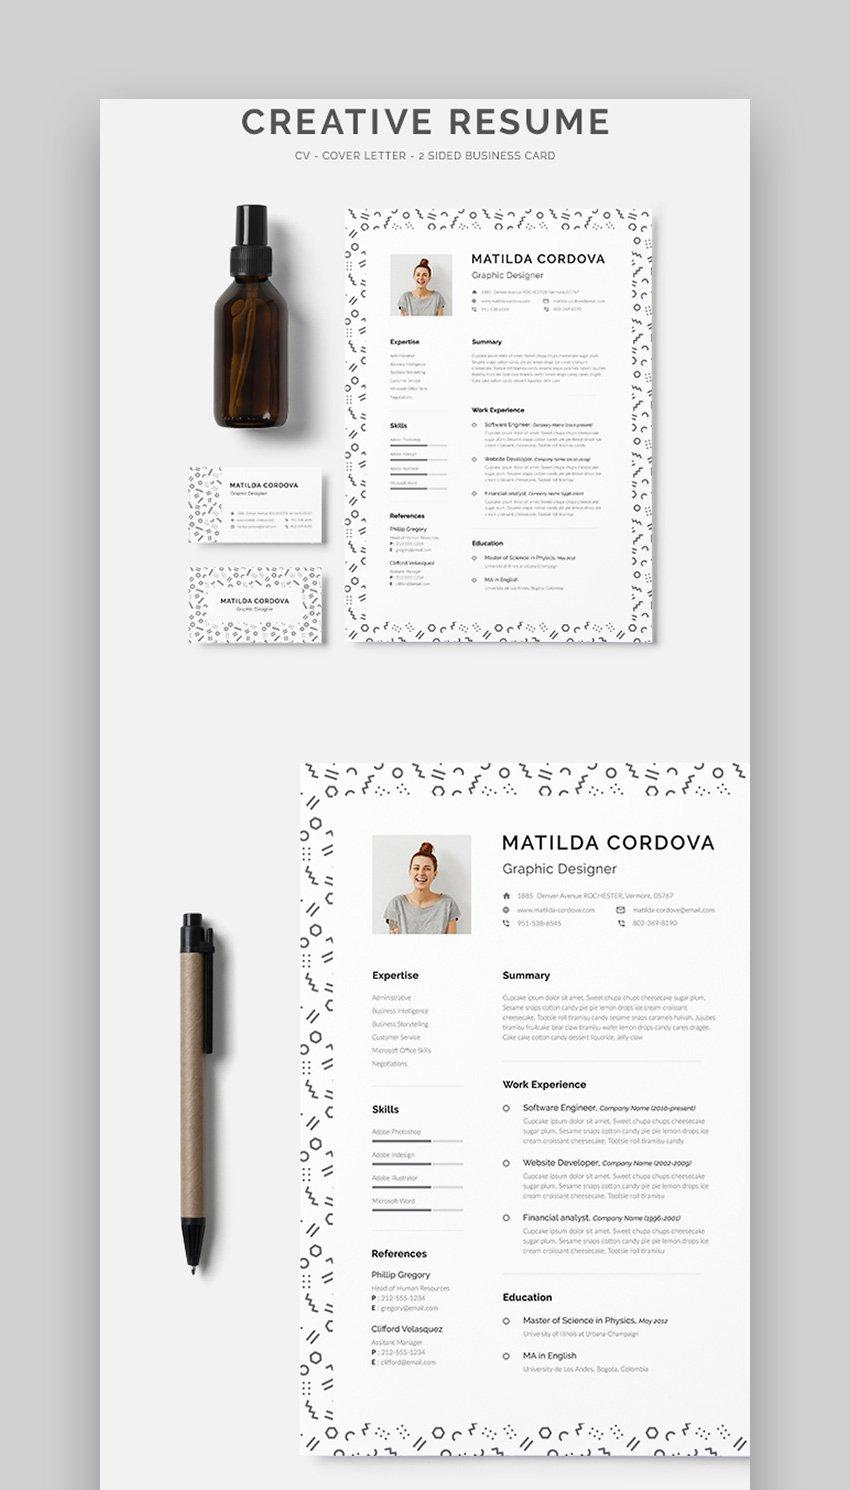 Simple Minimalistic Creative ResumeCV